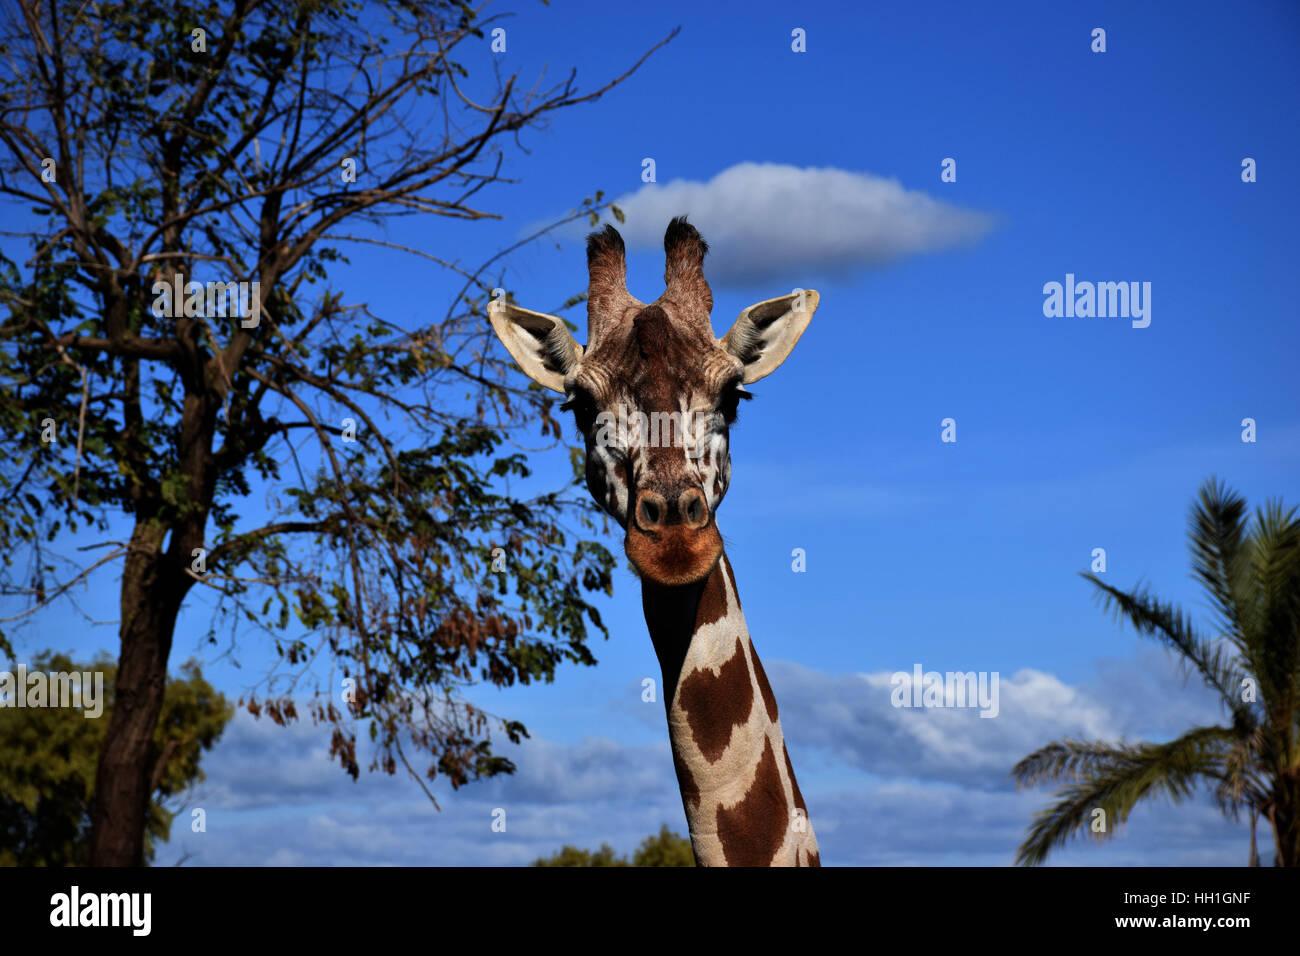 Die Giraffe in Ihrem Lebensraum Stockbild